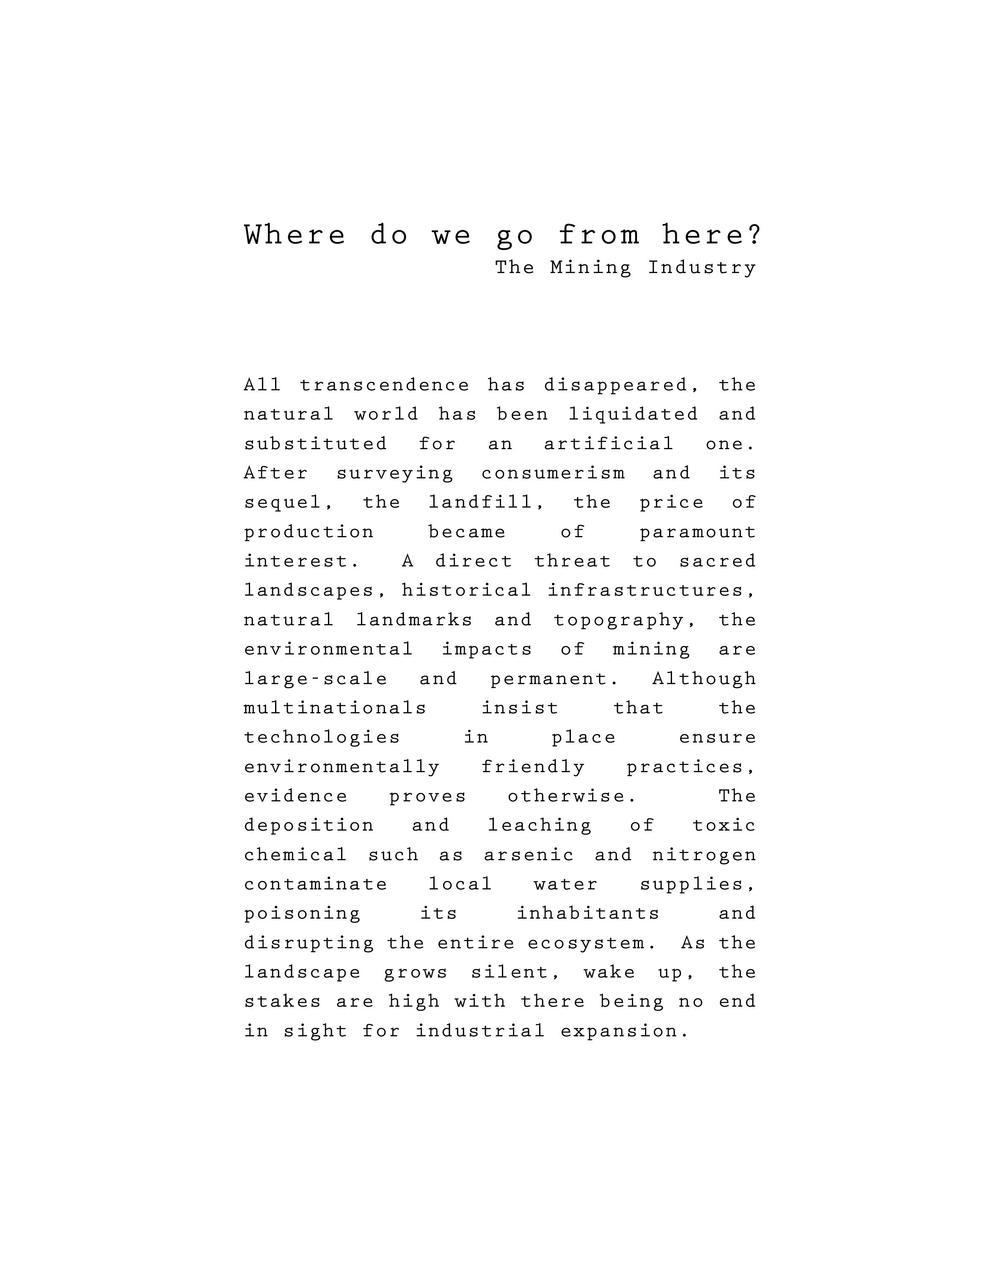 WhereDoWeGoFromHere-Catalog-HEYDT-email-page-005.jpg